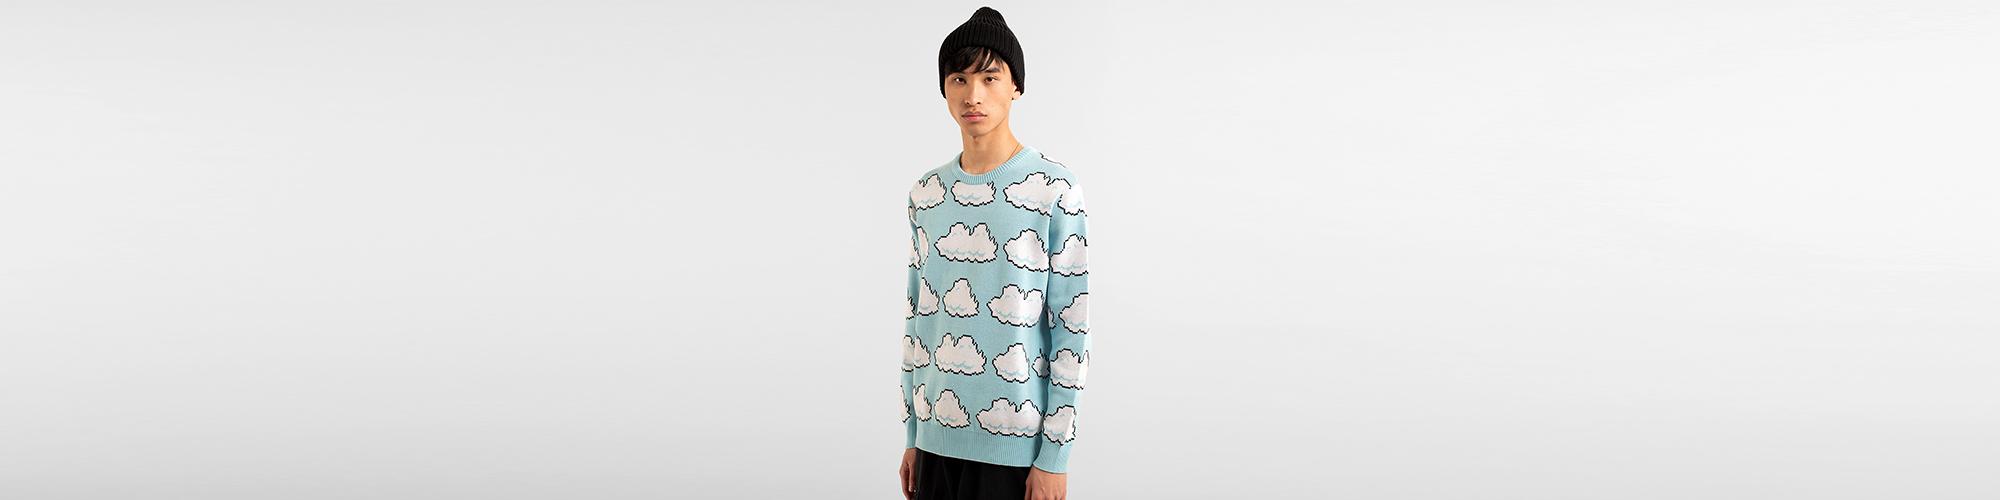 Sweatshirts & Sweaters